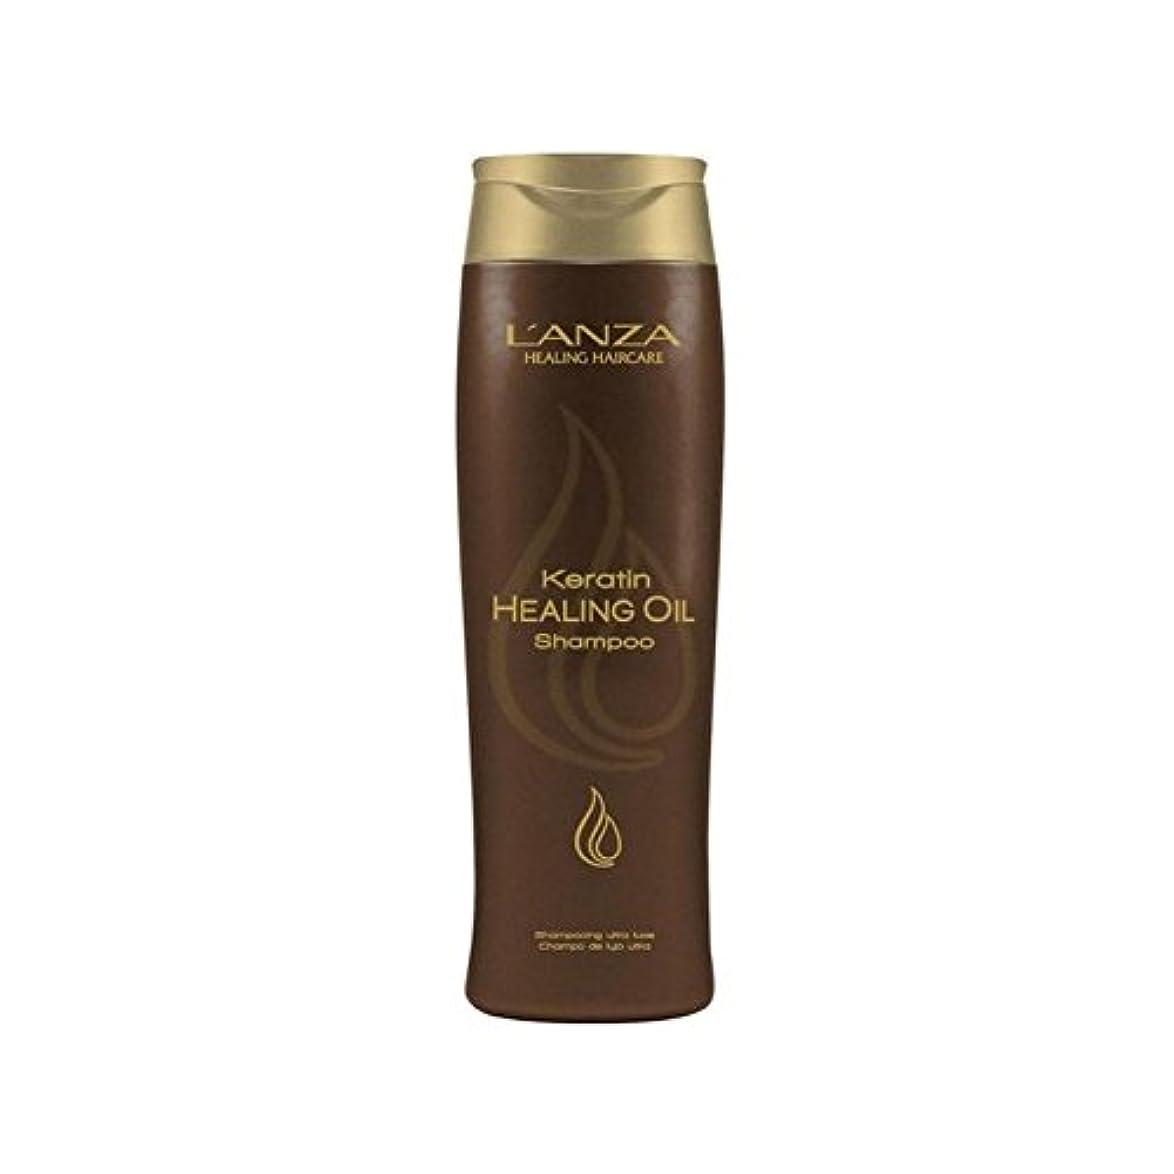 受け継ぐコードレス辞任するL'Anza Keratin Healing Oil Shampoo (300ml) (Pack of 6) - アンザケラチンオイルシャンプー(300ミリリットル)を癒し x6 [並行輸入品]